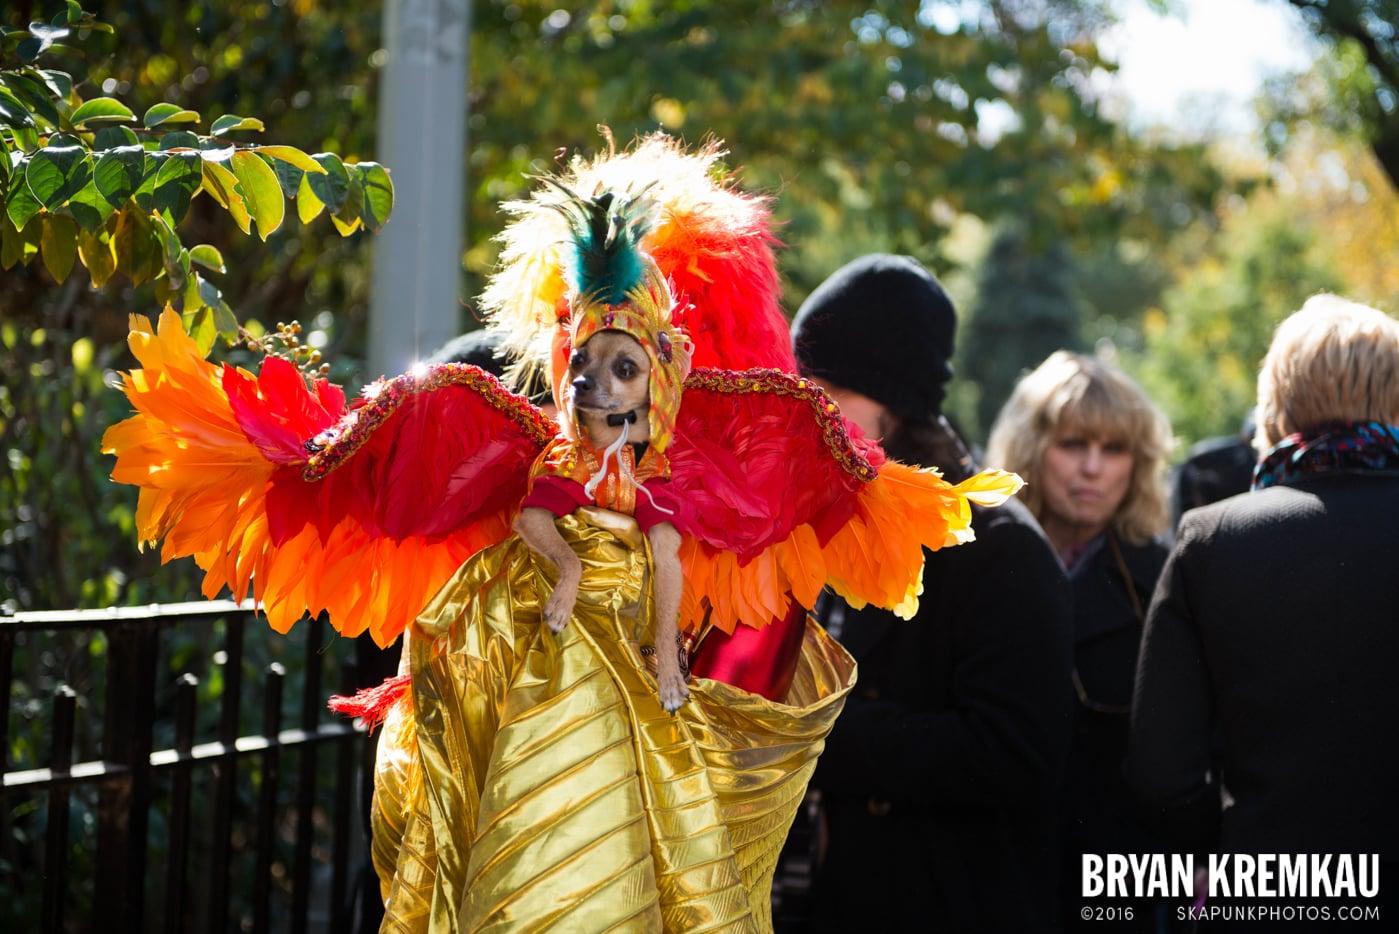 Tompkins Square Halloween Dog Parade 2013 @ Tompkins Square Park, NYC - 10.26.13 (21)